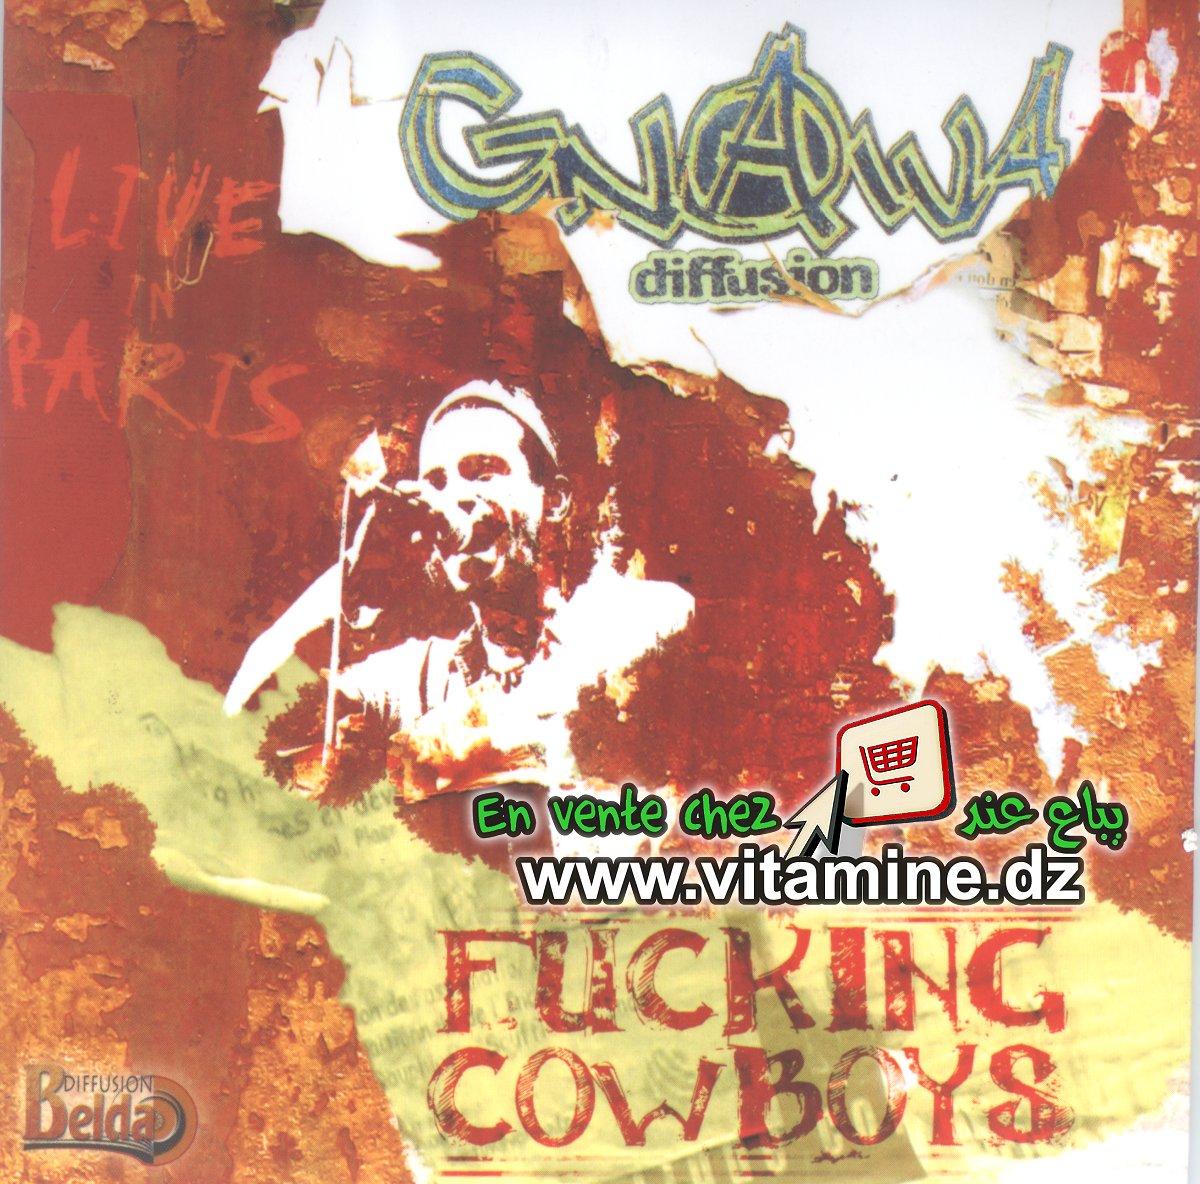 Gnawa diffusion - Fucking cowboys